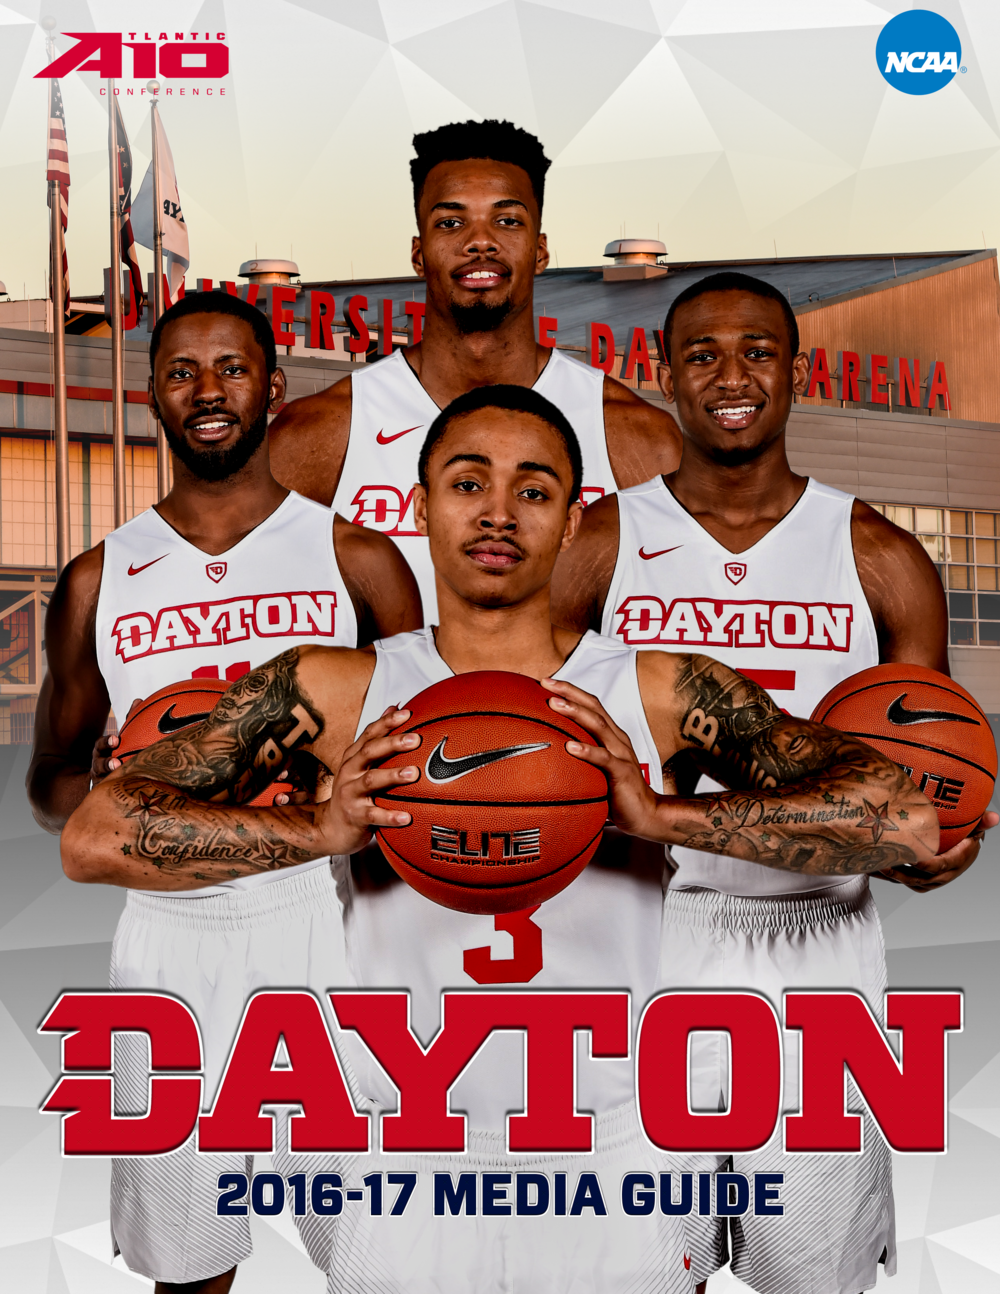 2016-2017 Men's Basketball Media Guide created by Gardner